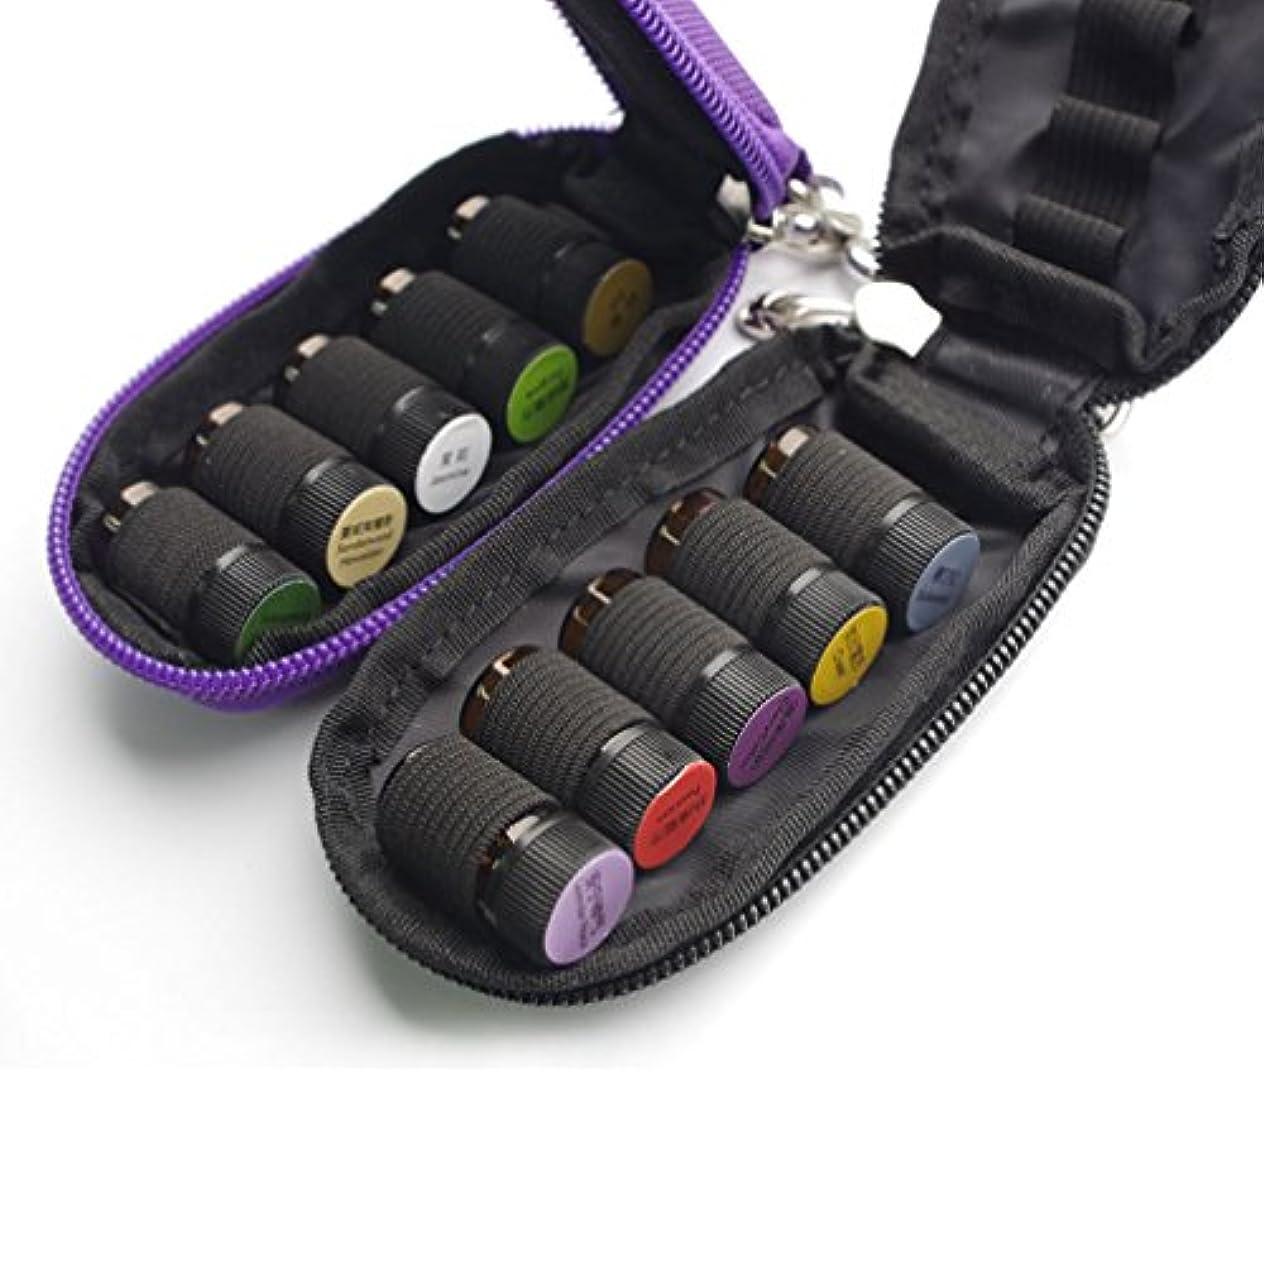 会計士艶存在BEE&BLUE アロマポーチ エッセンシャルオイル ケース 携帯用 アロマケース メイクポーチ 精油ケース 10本用